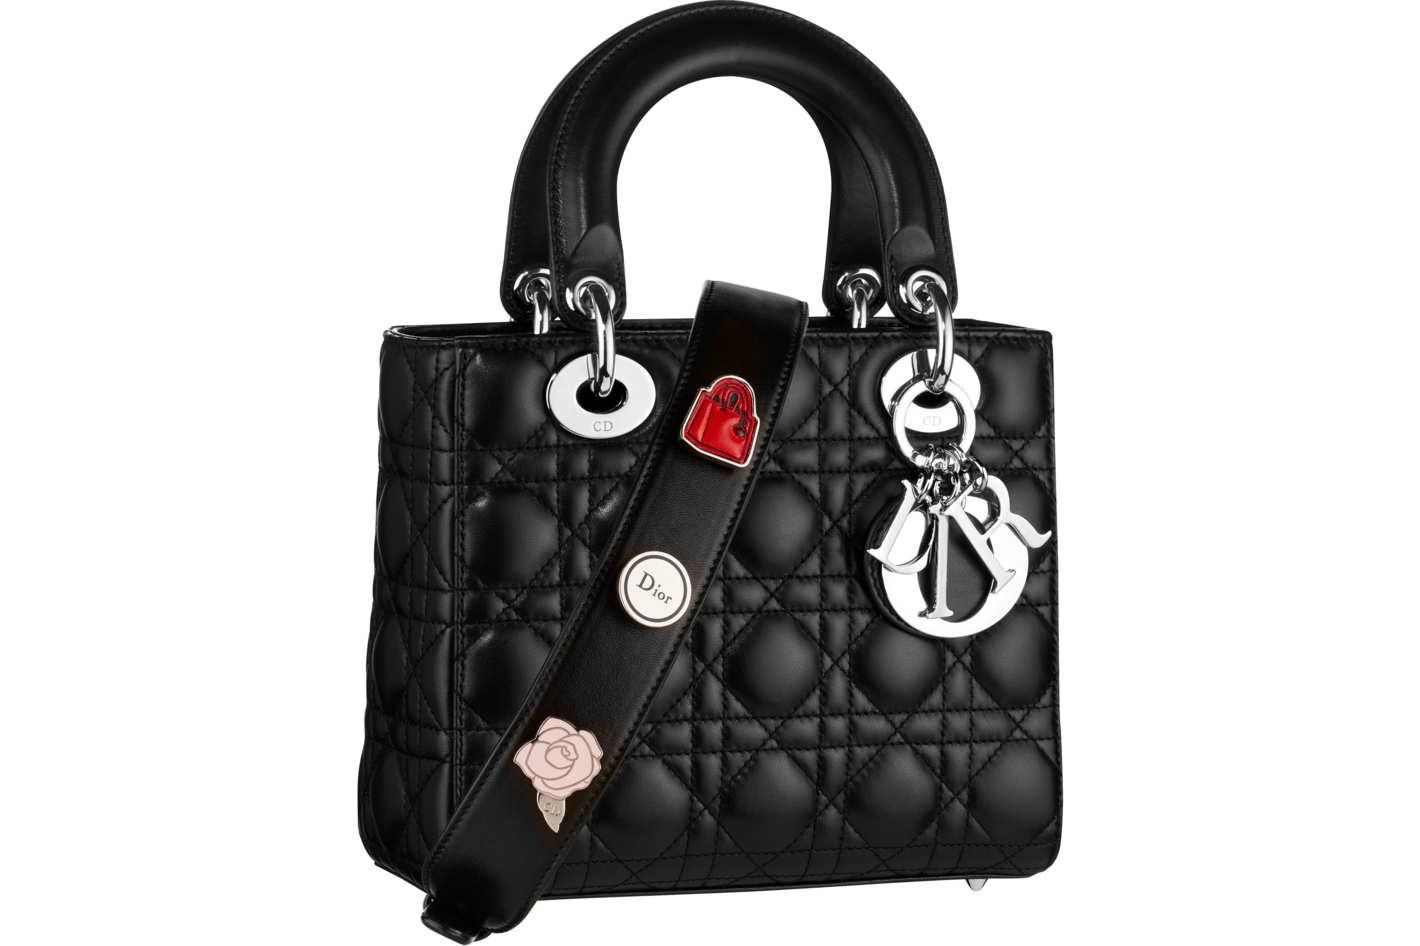 Купить копии сумок Кристиан Диор в интернет-магазине